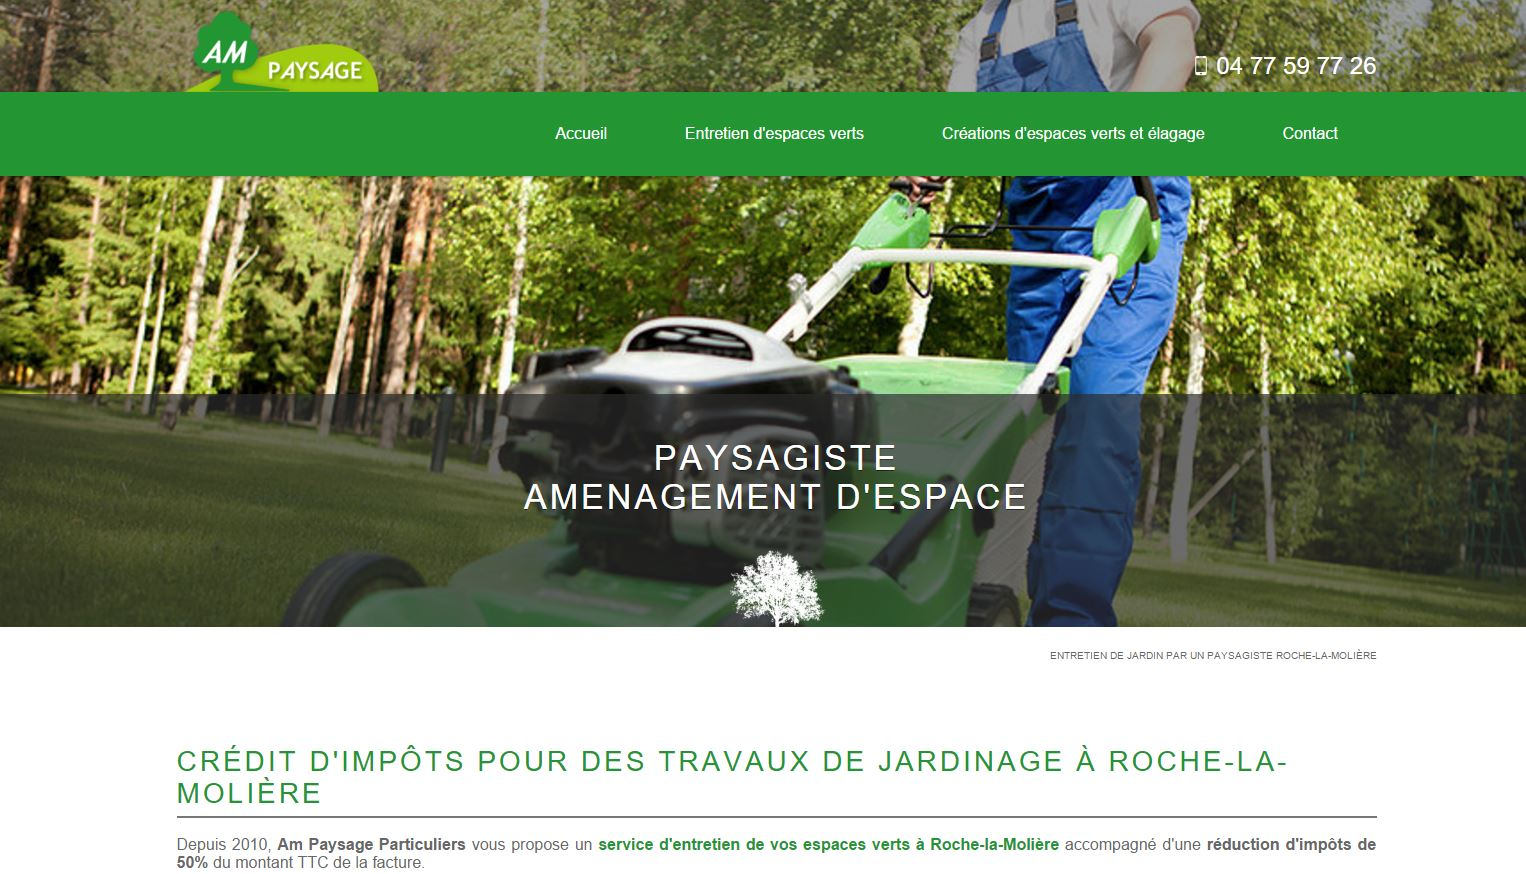 R f rencement de site internet de paysagiste am paysage for Site de paysagiste